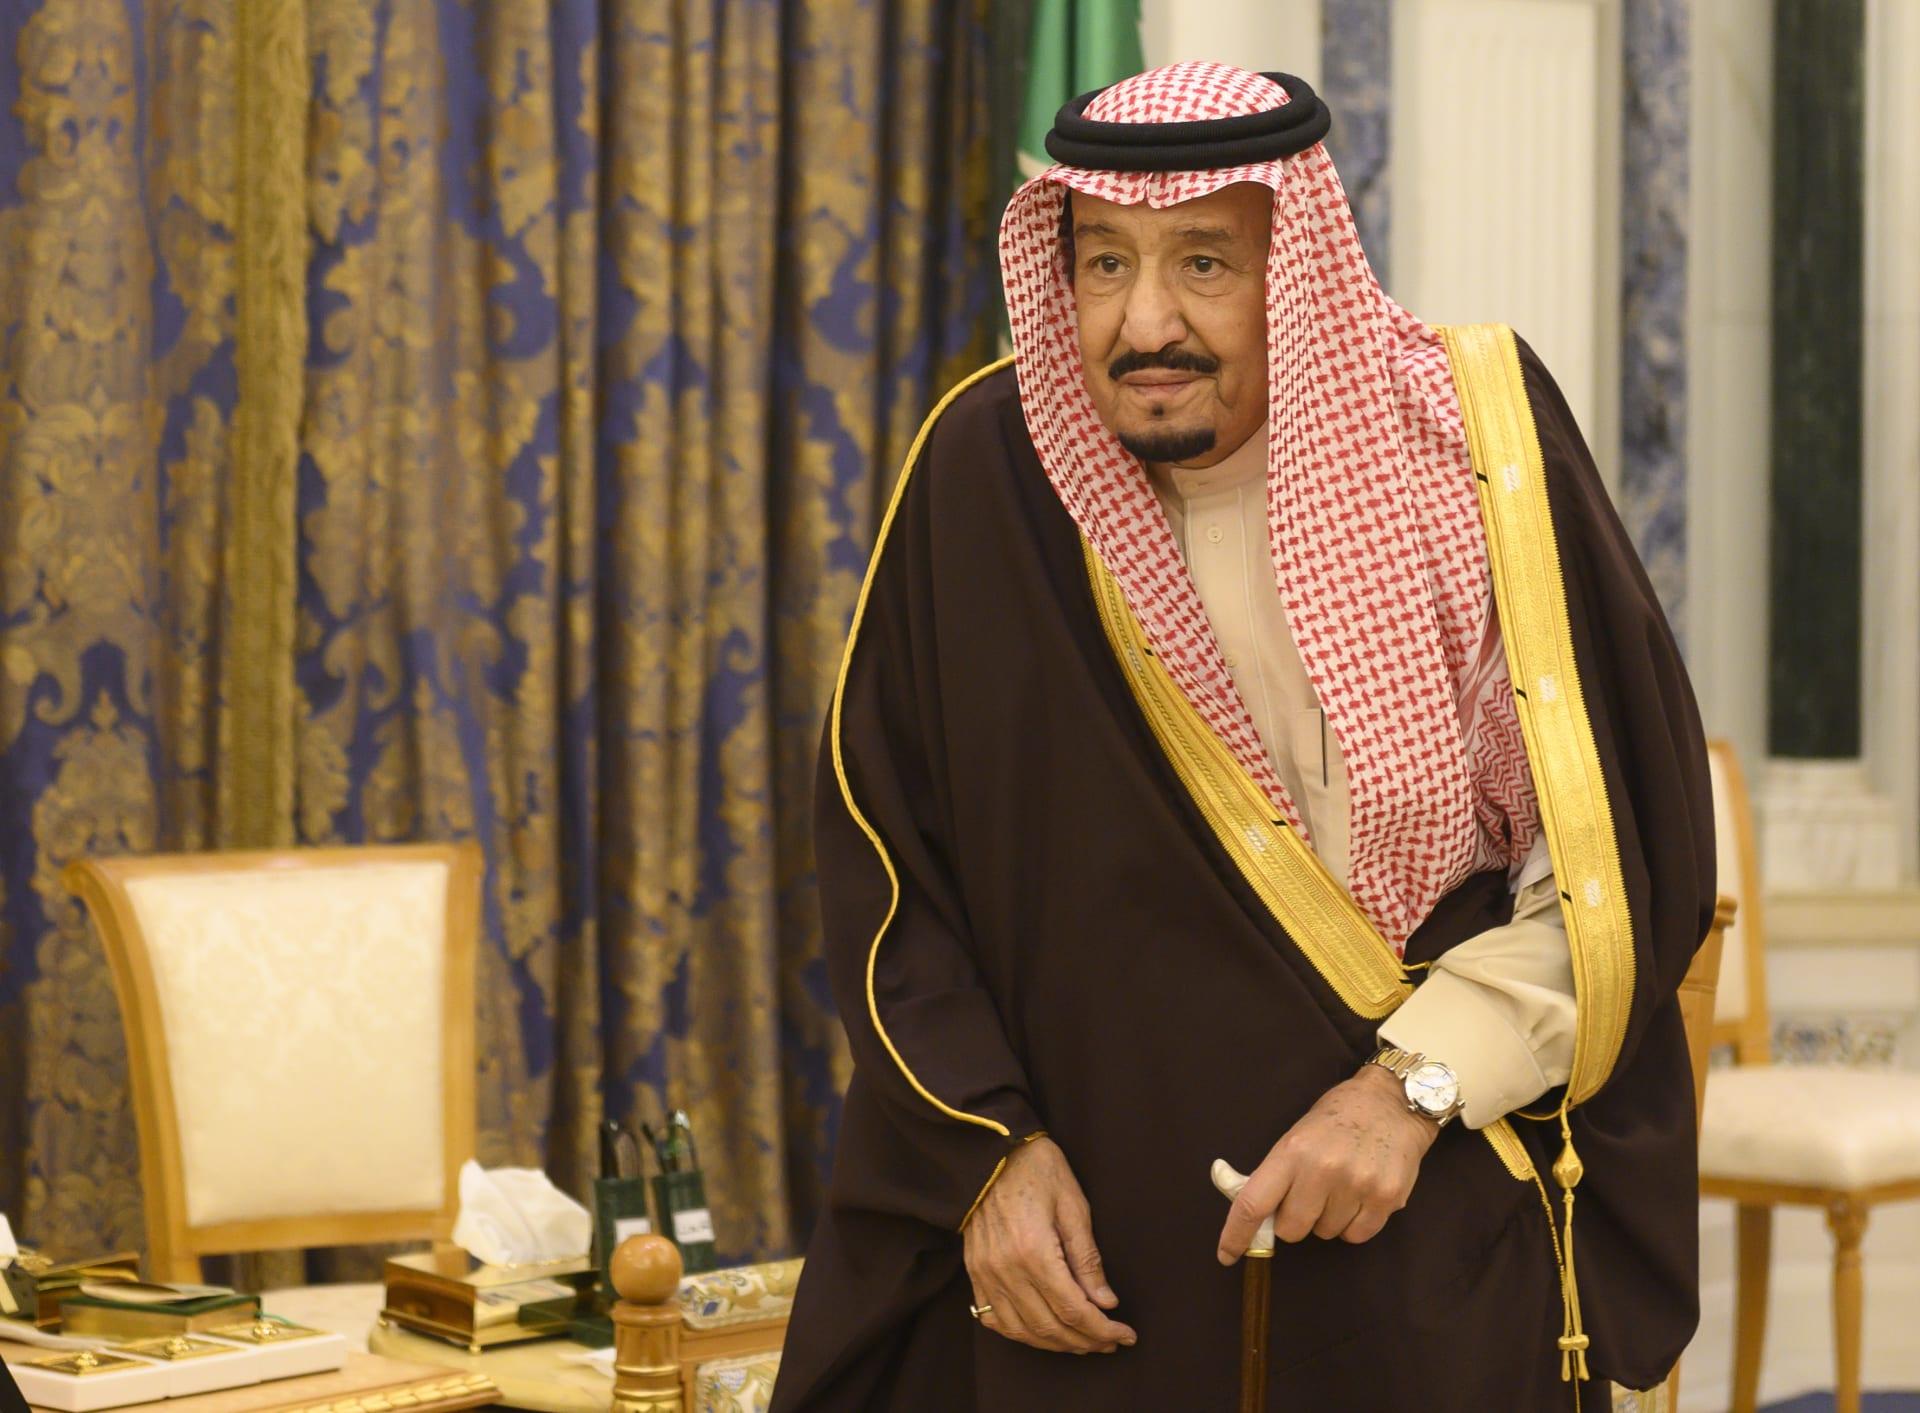 خروج الملك سلمان من المستشفى بعد خضوعه لعملية جراحية